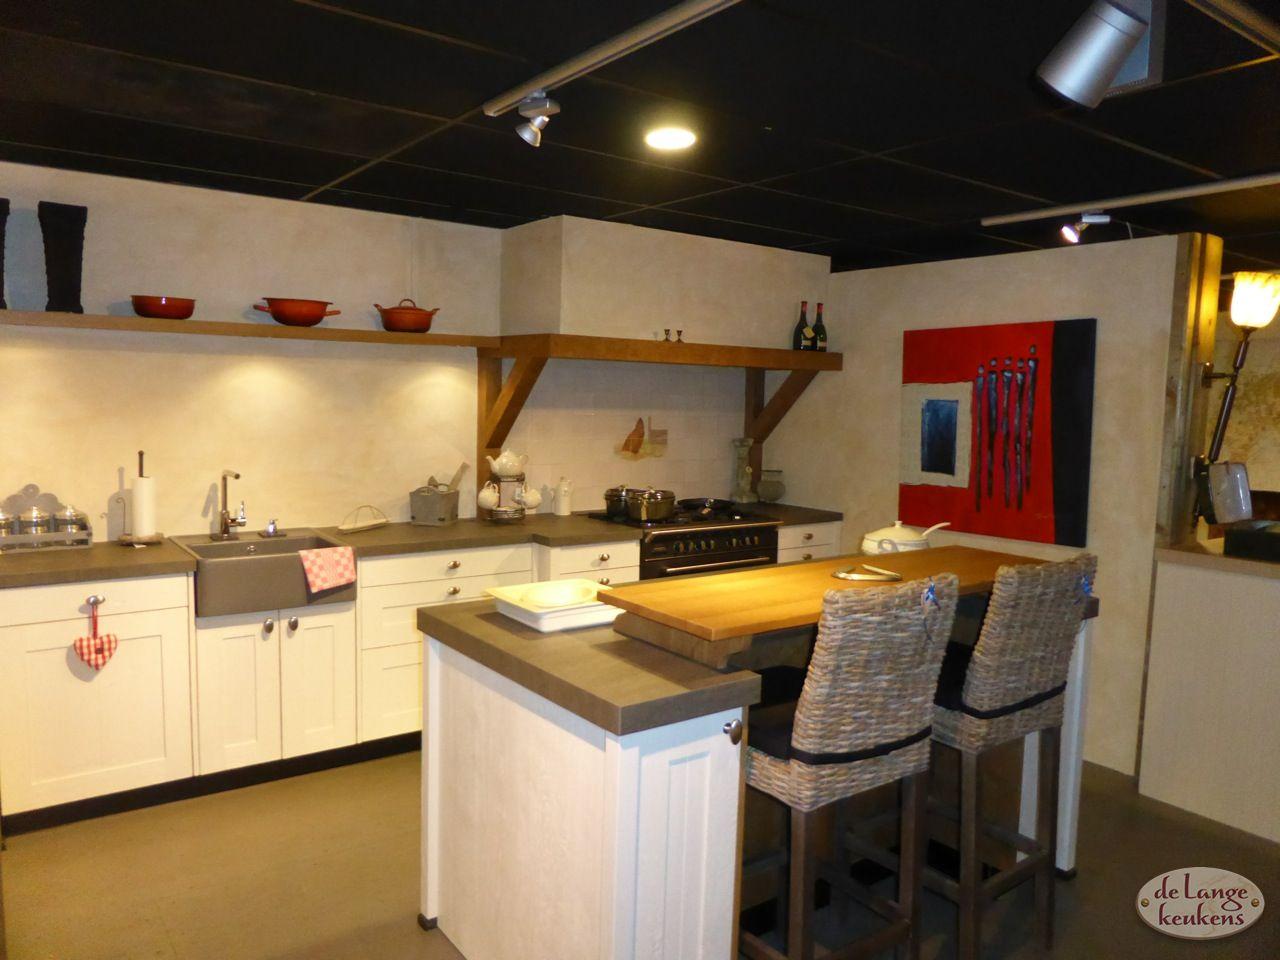 Keuken Landelijk Kookeiland : Landelijke keukens met kookeiland middelkoop keukens culemborg